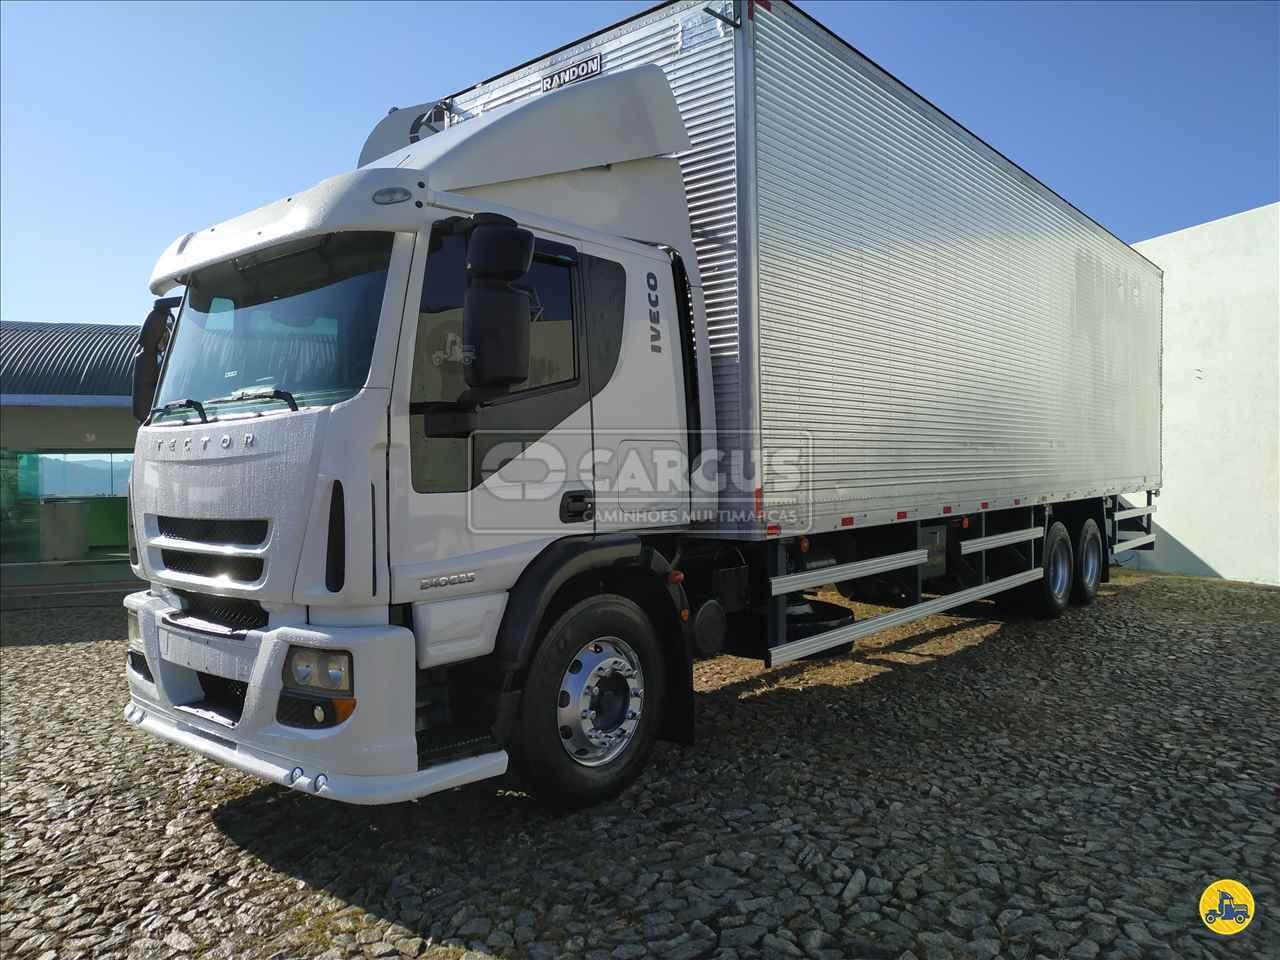 CAMINHAO IVECO TECTOR 240E25 Baú Furgão Truck 6x2 Cargus Veículos PARA DE MINAS MINAS GERAIS MG